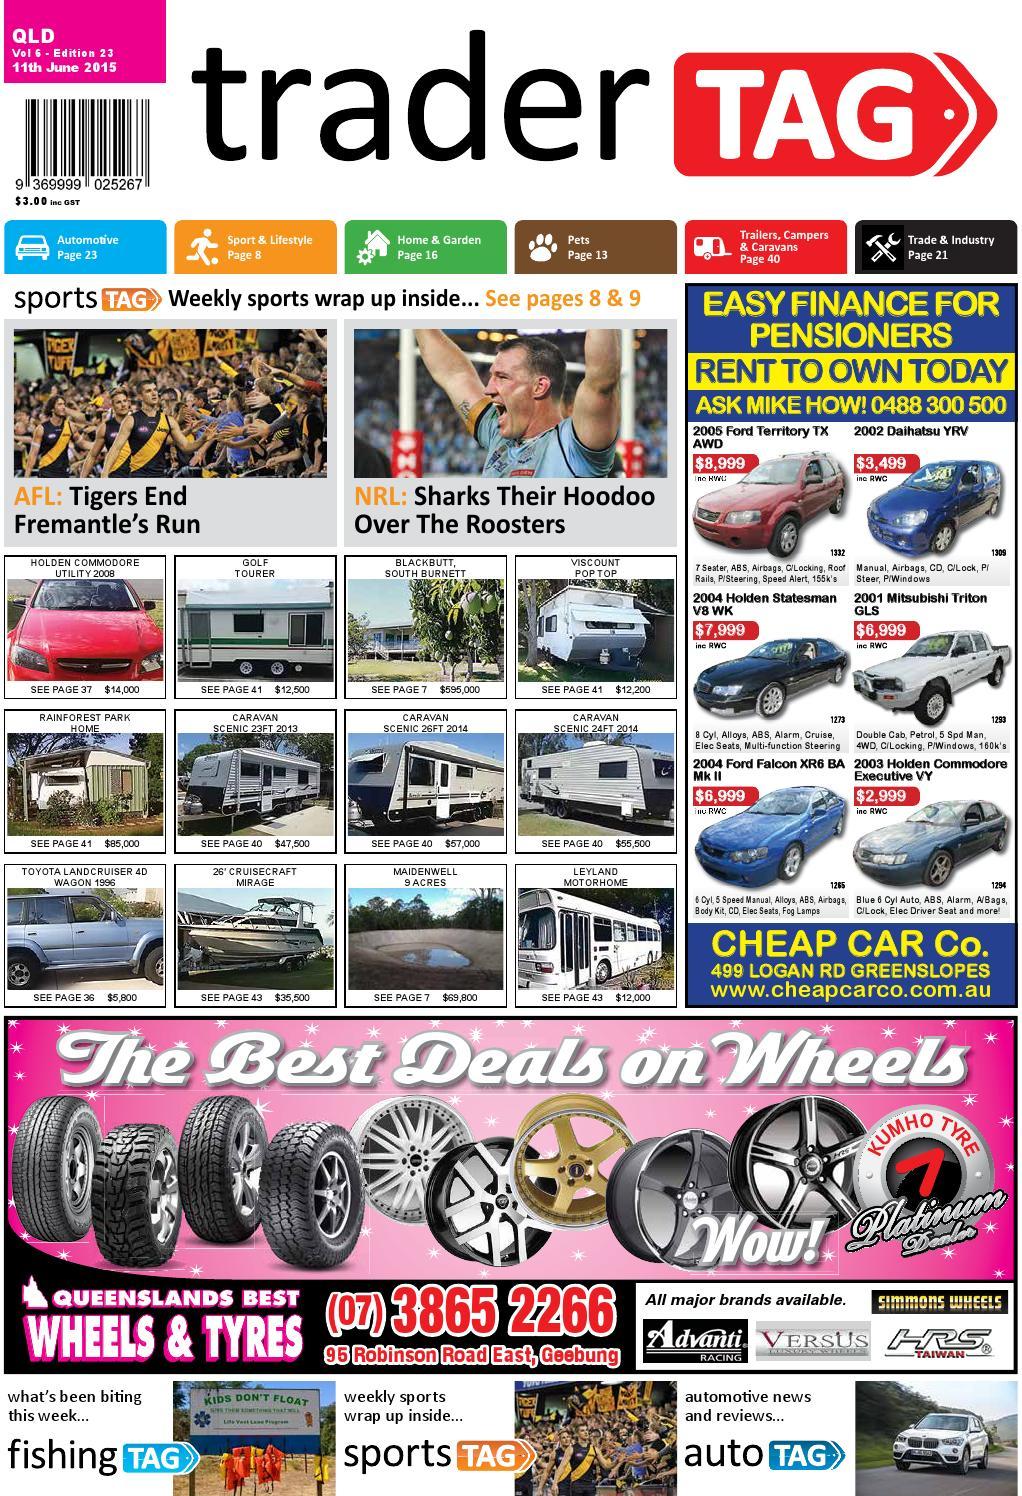 TraderTAG Queensland Edition 23 2015 by TraderTAG Design